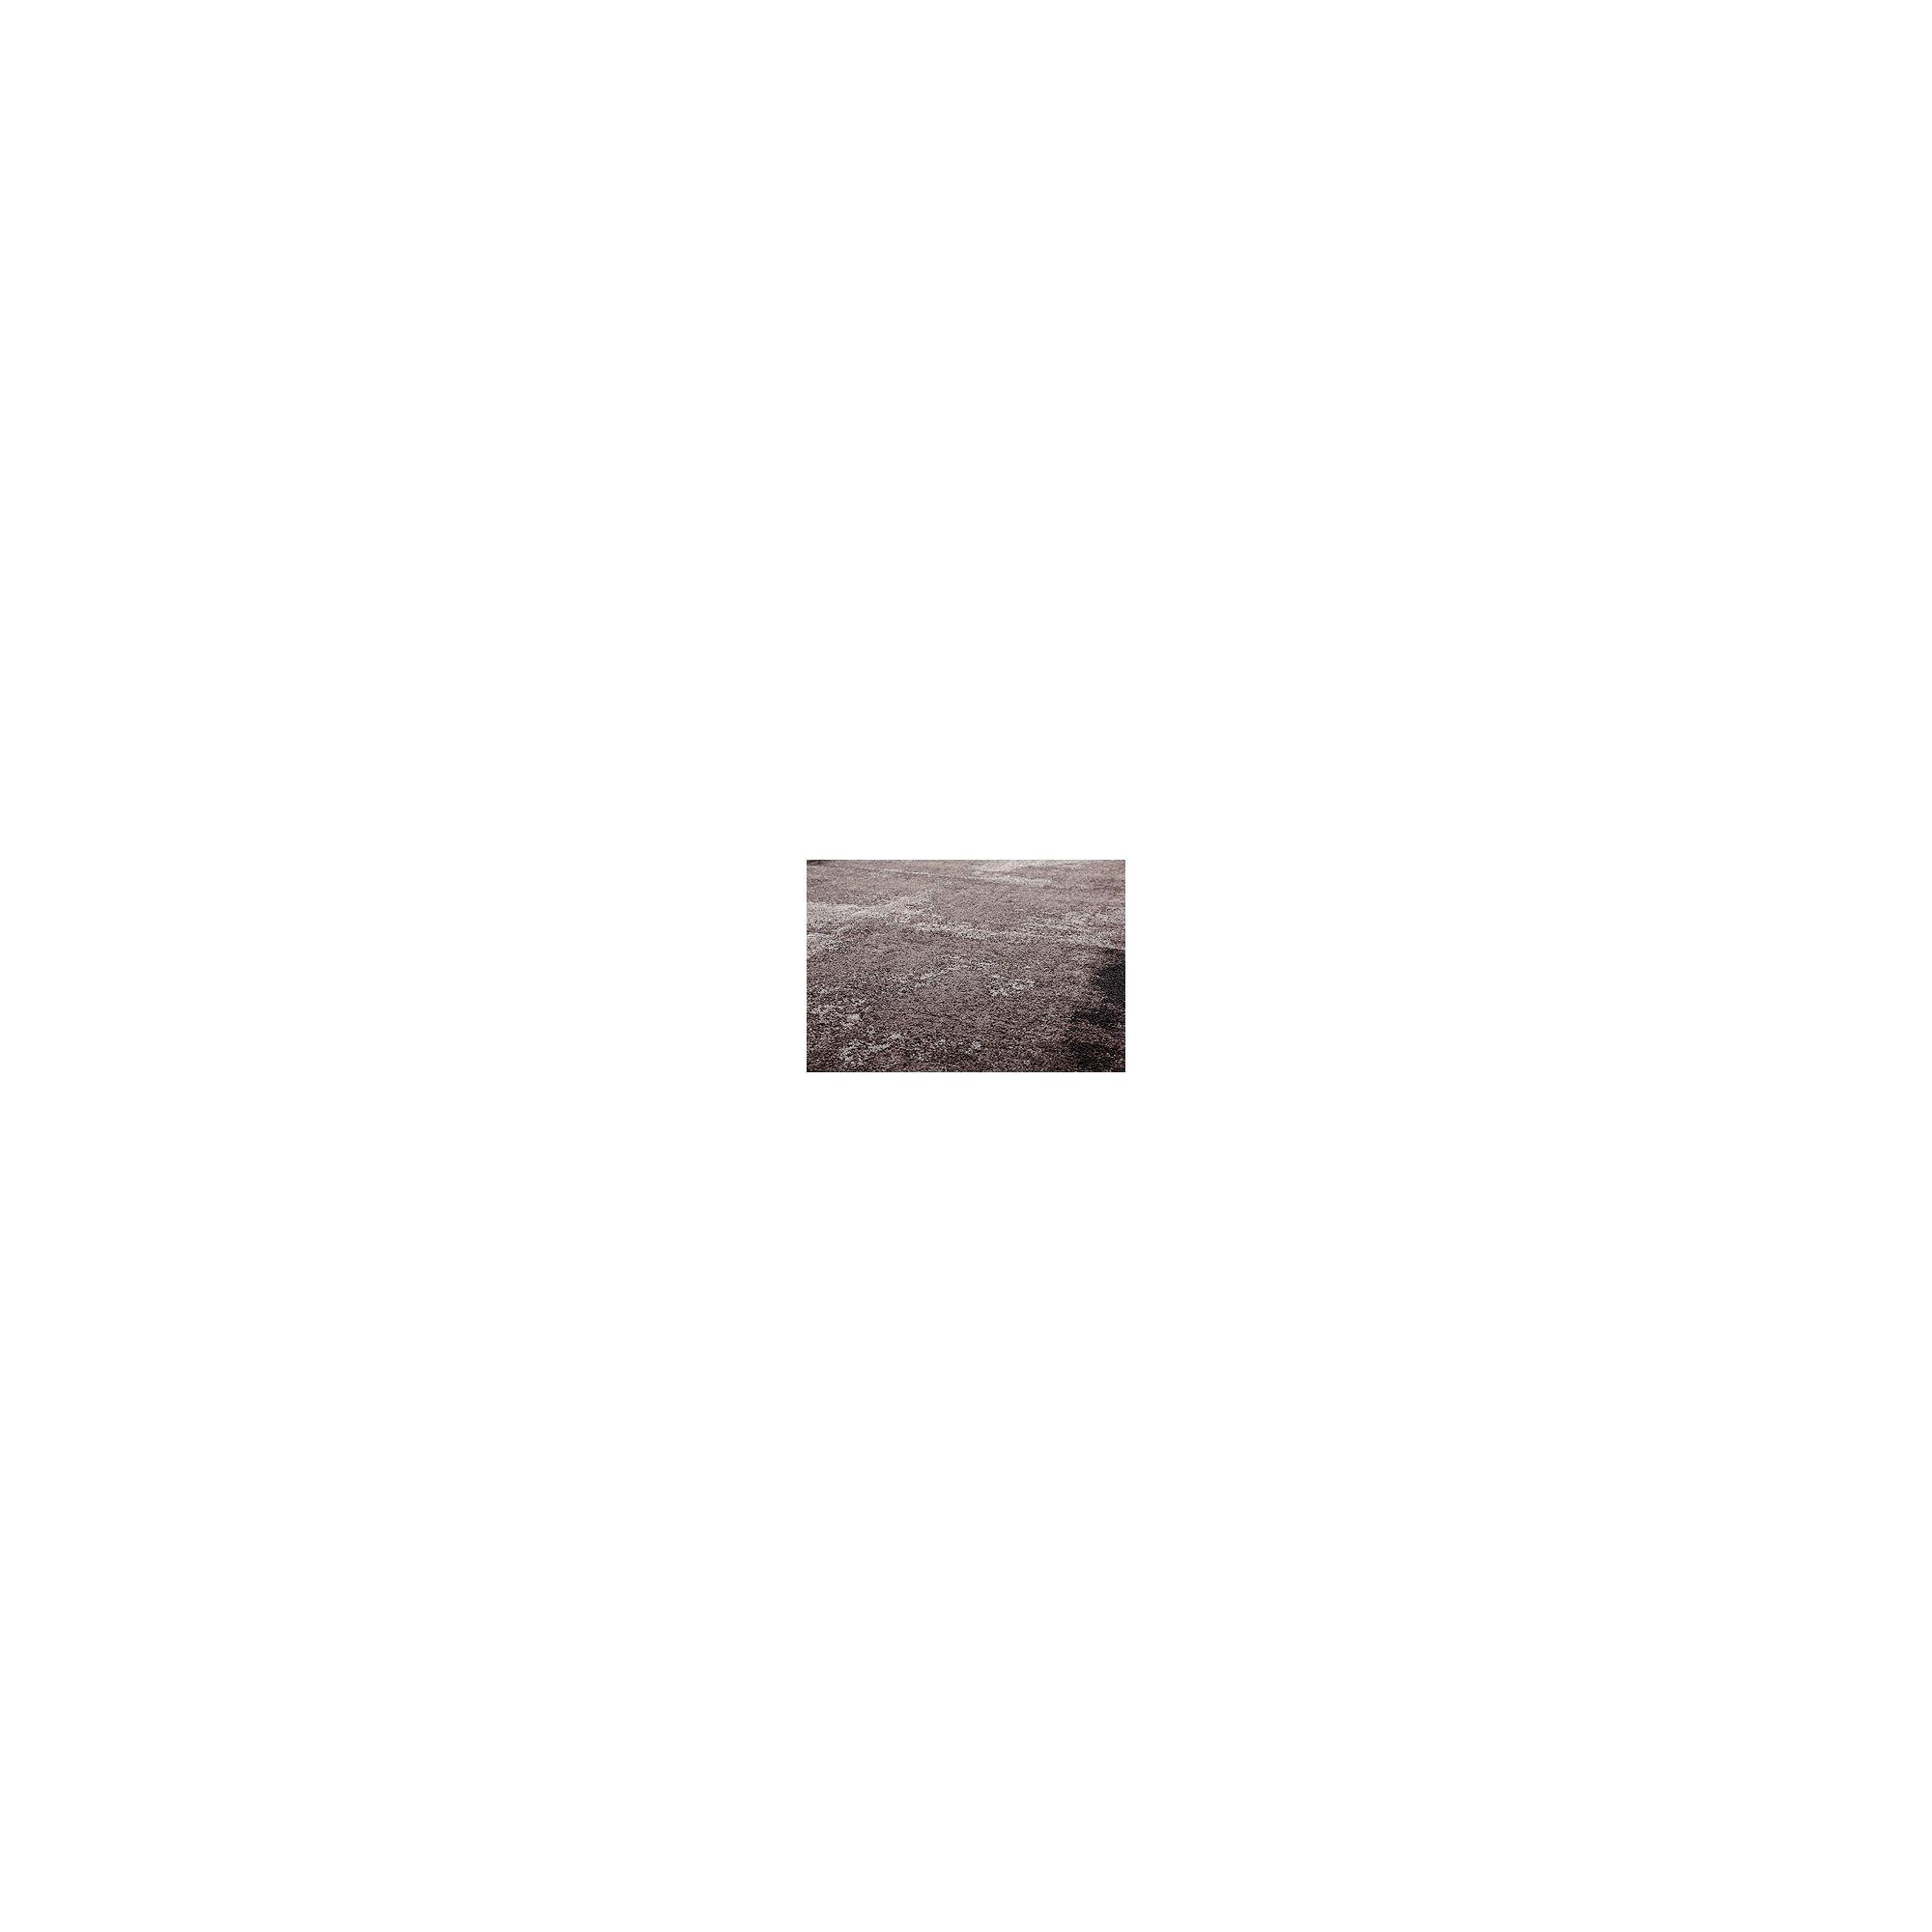 Esprit Urban Senses Beige / Taupe Contemporary Rug - 120cm x 180cm